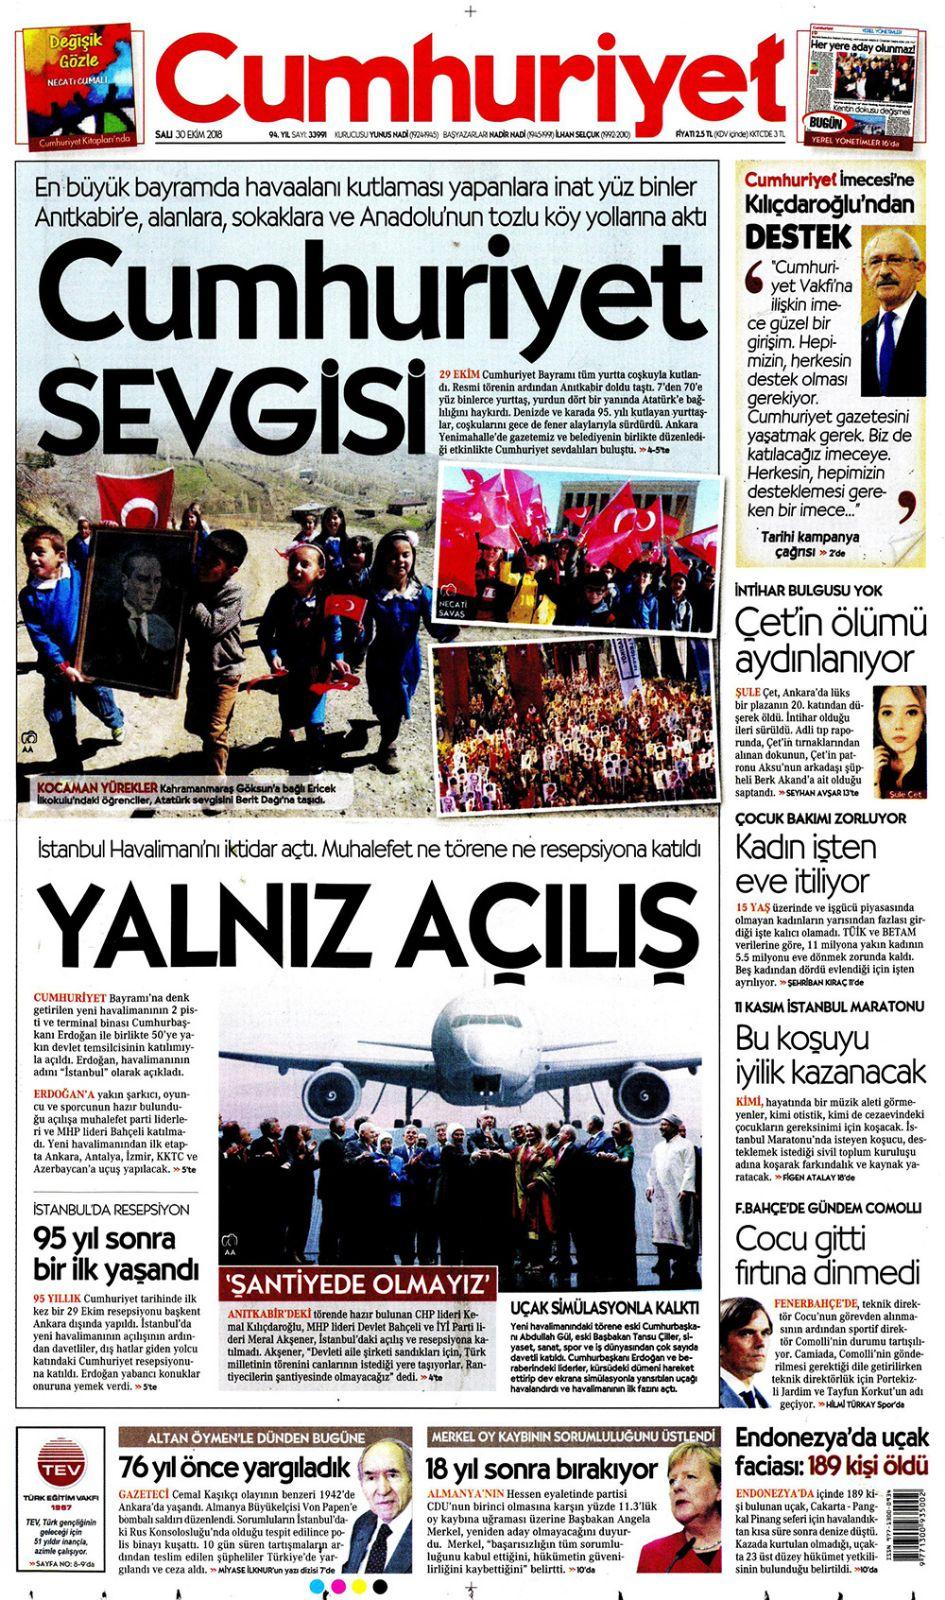 Fenerbahçeli Alper Potuk tüm servetini kaybetti iddiası 45